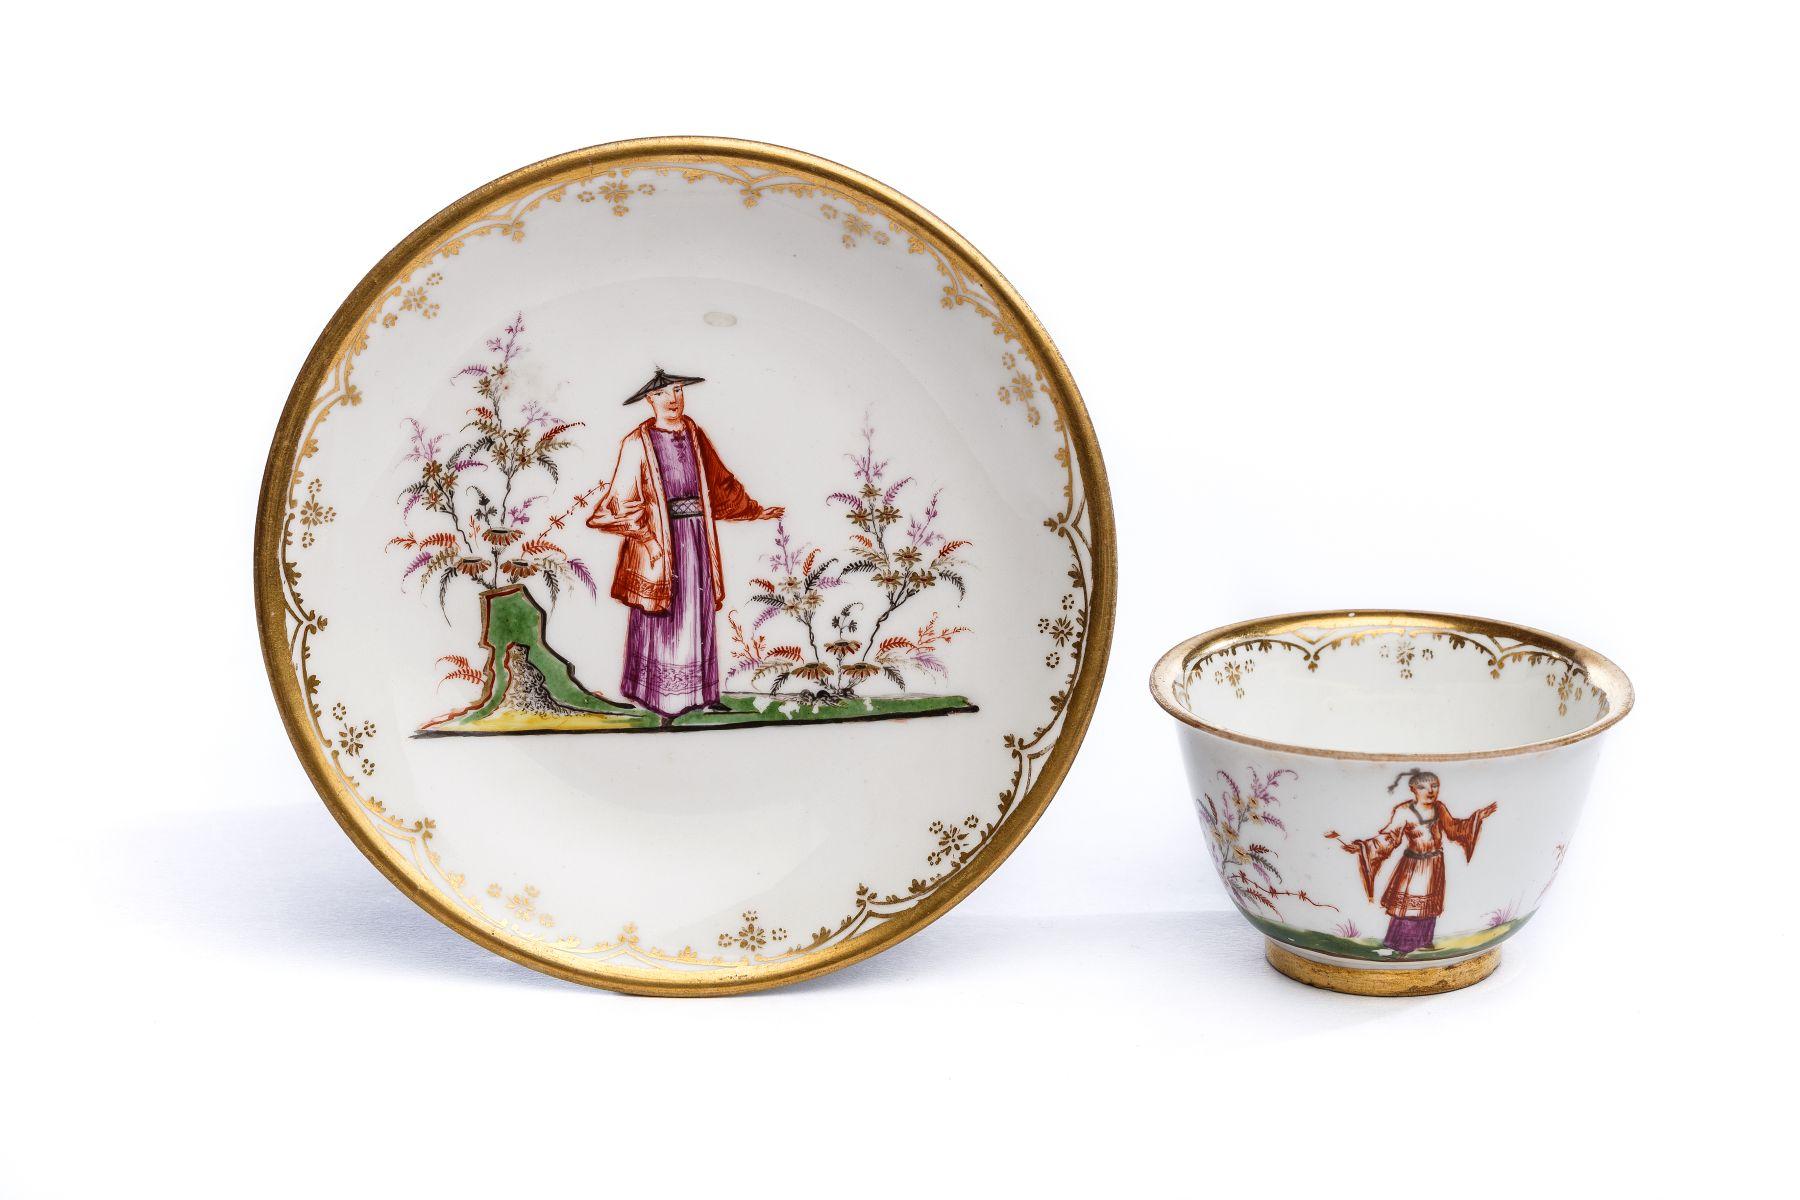 #24 Bowl with saucer, Meissen 1720-25 | Koppchen mit Unterschale, Meissen 1720-25 Image